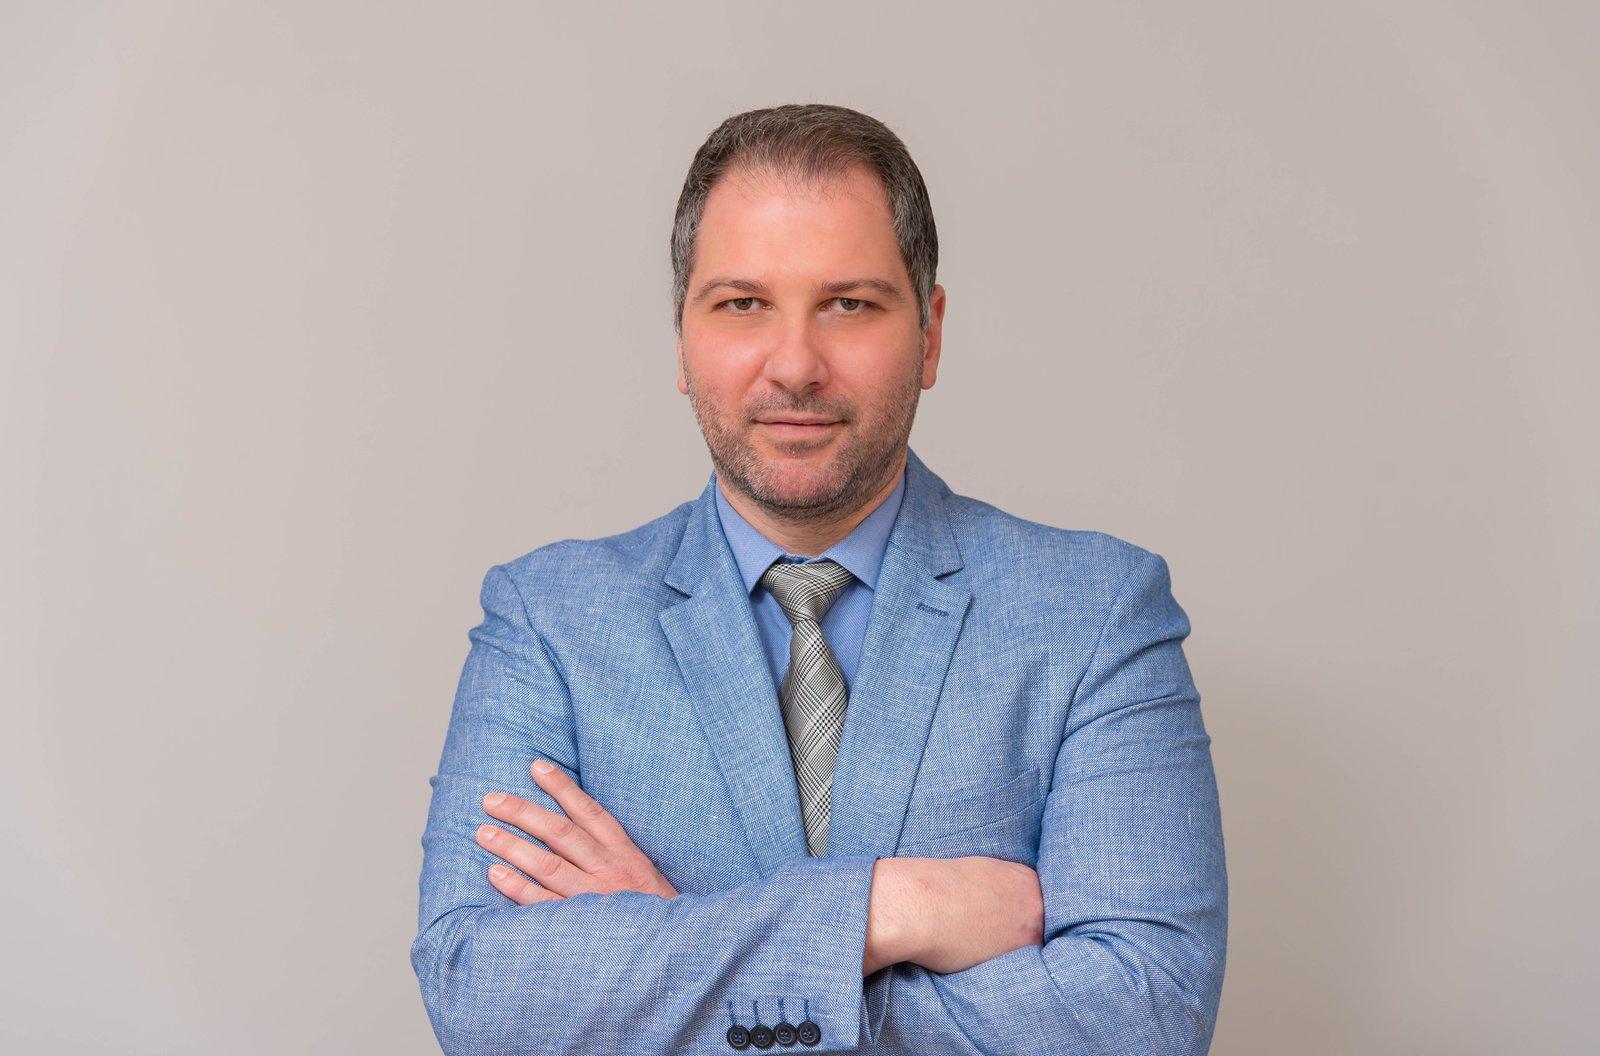 Αρθροσκόπηση Ώμου, Παναγιώτης Παπαδόπουλος MD, MSc, Ορθοπαιδικός Χειρουργός – Αθλητίατρος